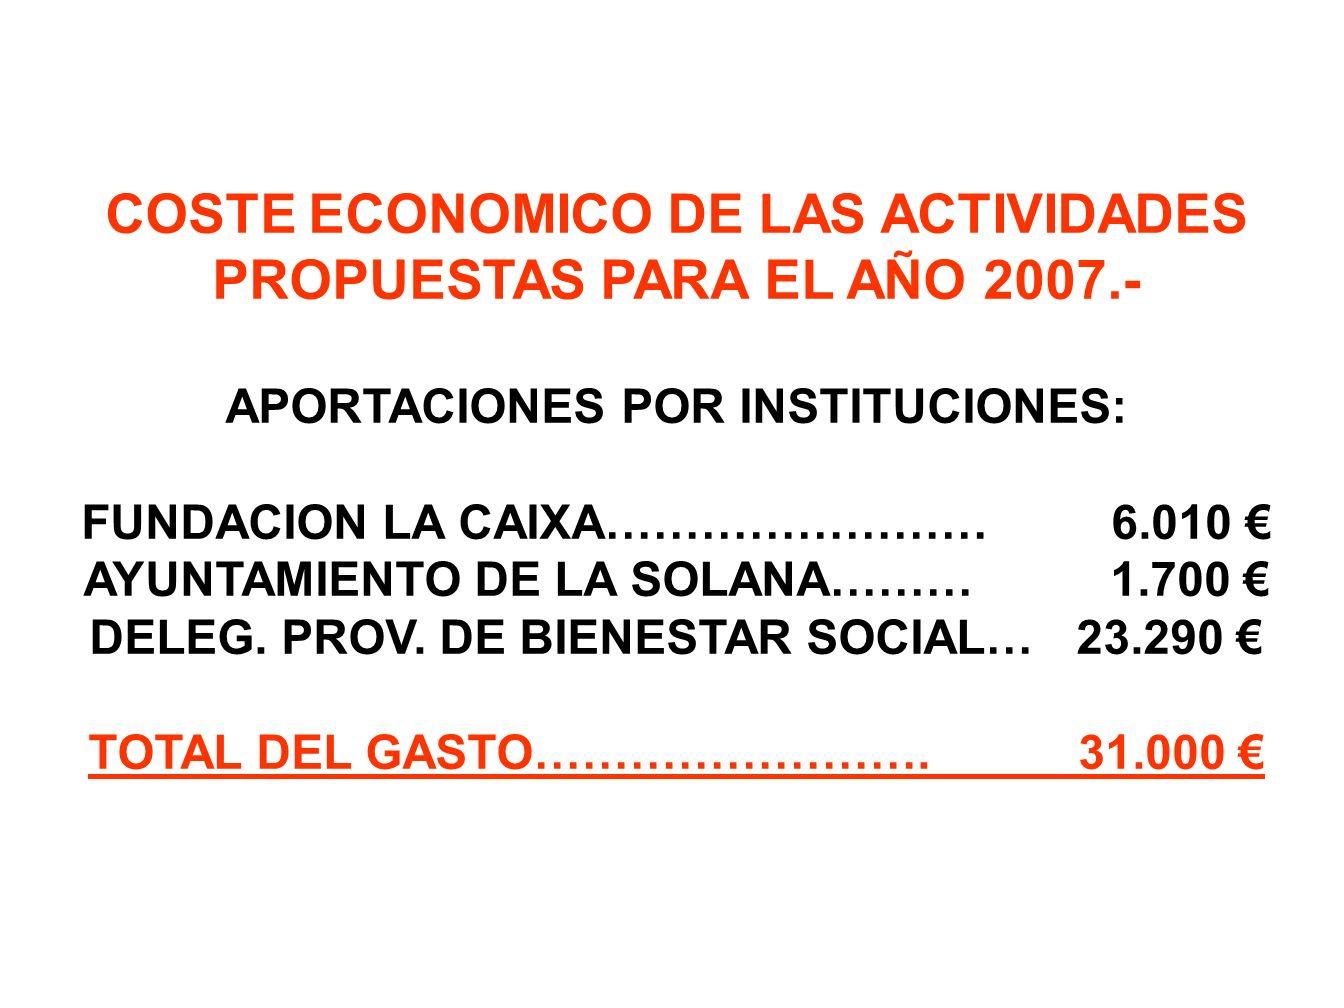 COSTE ECONOMICO DE LAS ACTIVIDADES PROPUESTAS PARA EL AÑO 2007.-